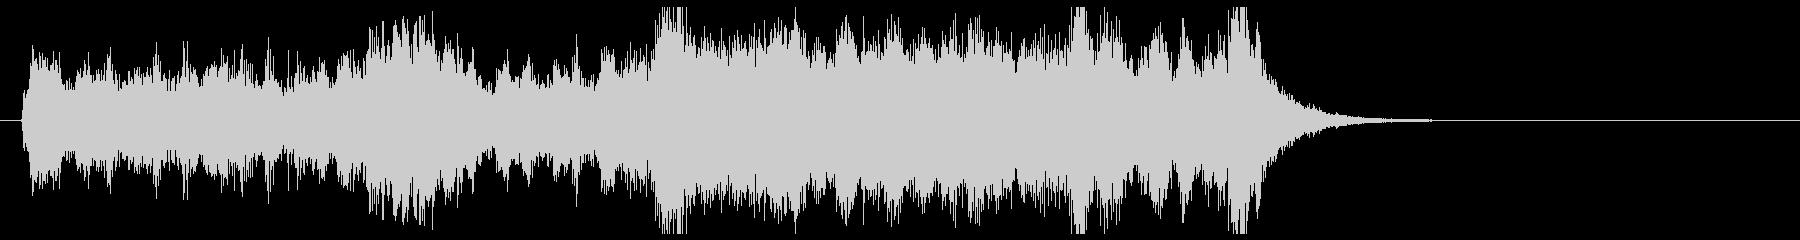 コミカルなオーケストラ・ジングルの未再生の波形